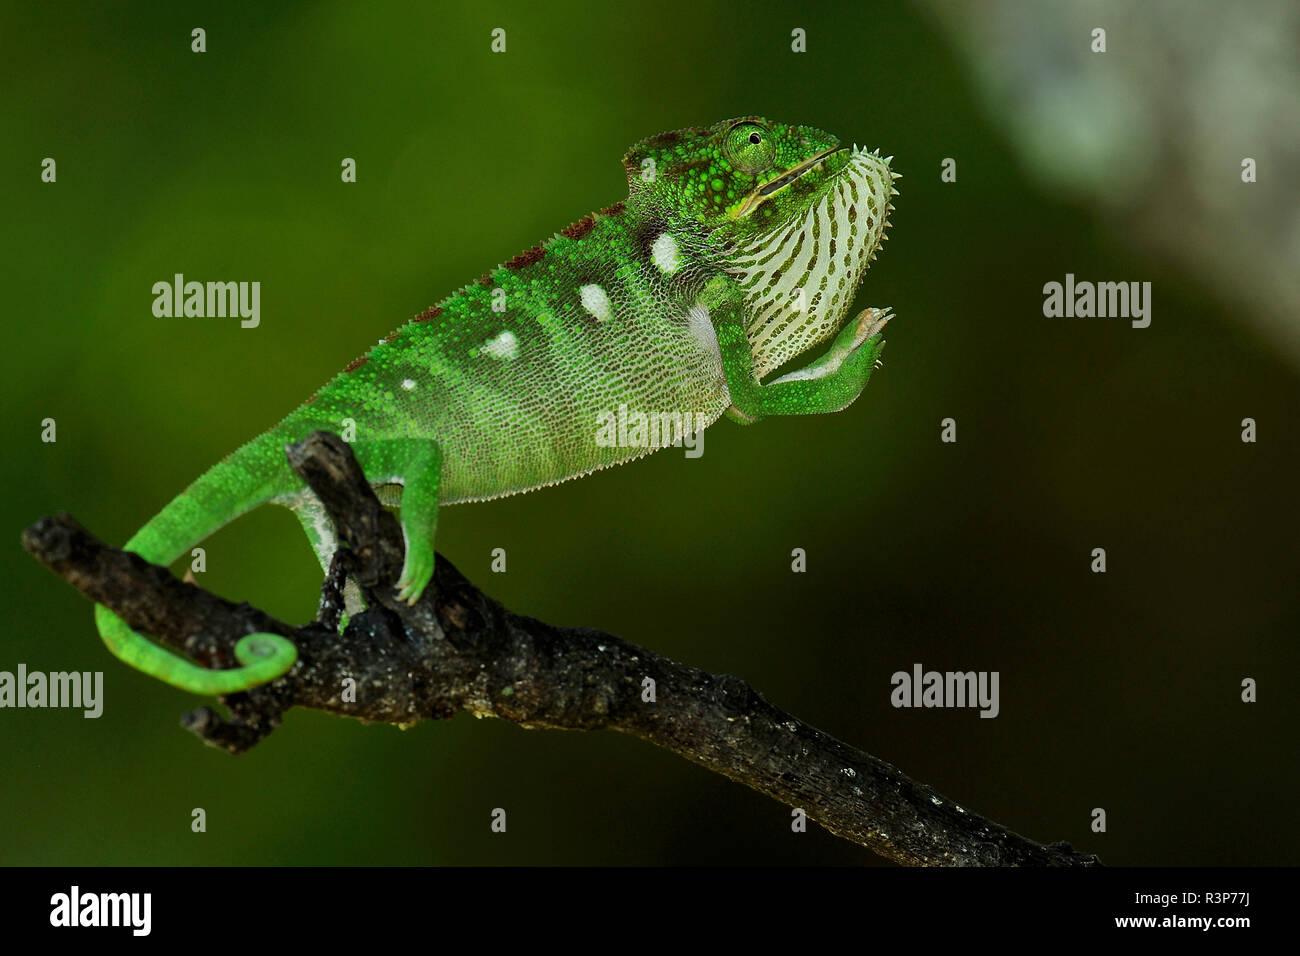 Oustalet's Chameleon (Chamaeleo oustaleti) in intimidation posture, Forest of Anja, Ambalavao region, Madagascar - Stock Image